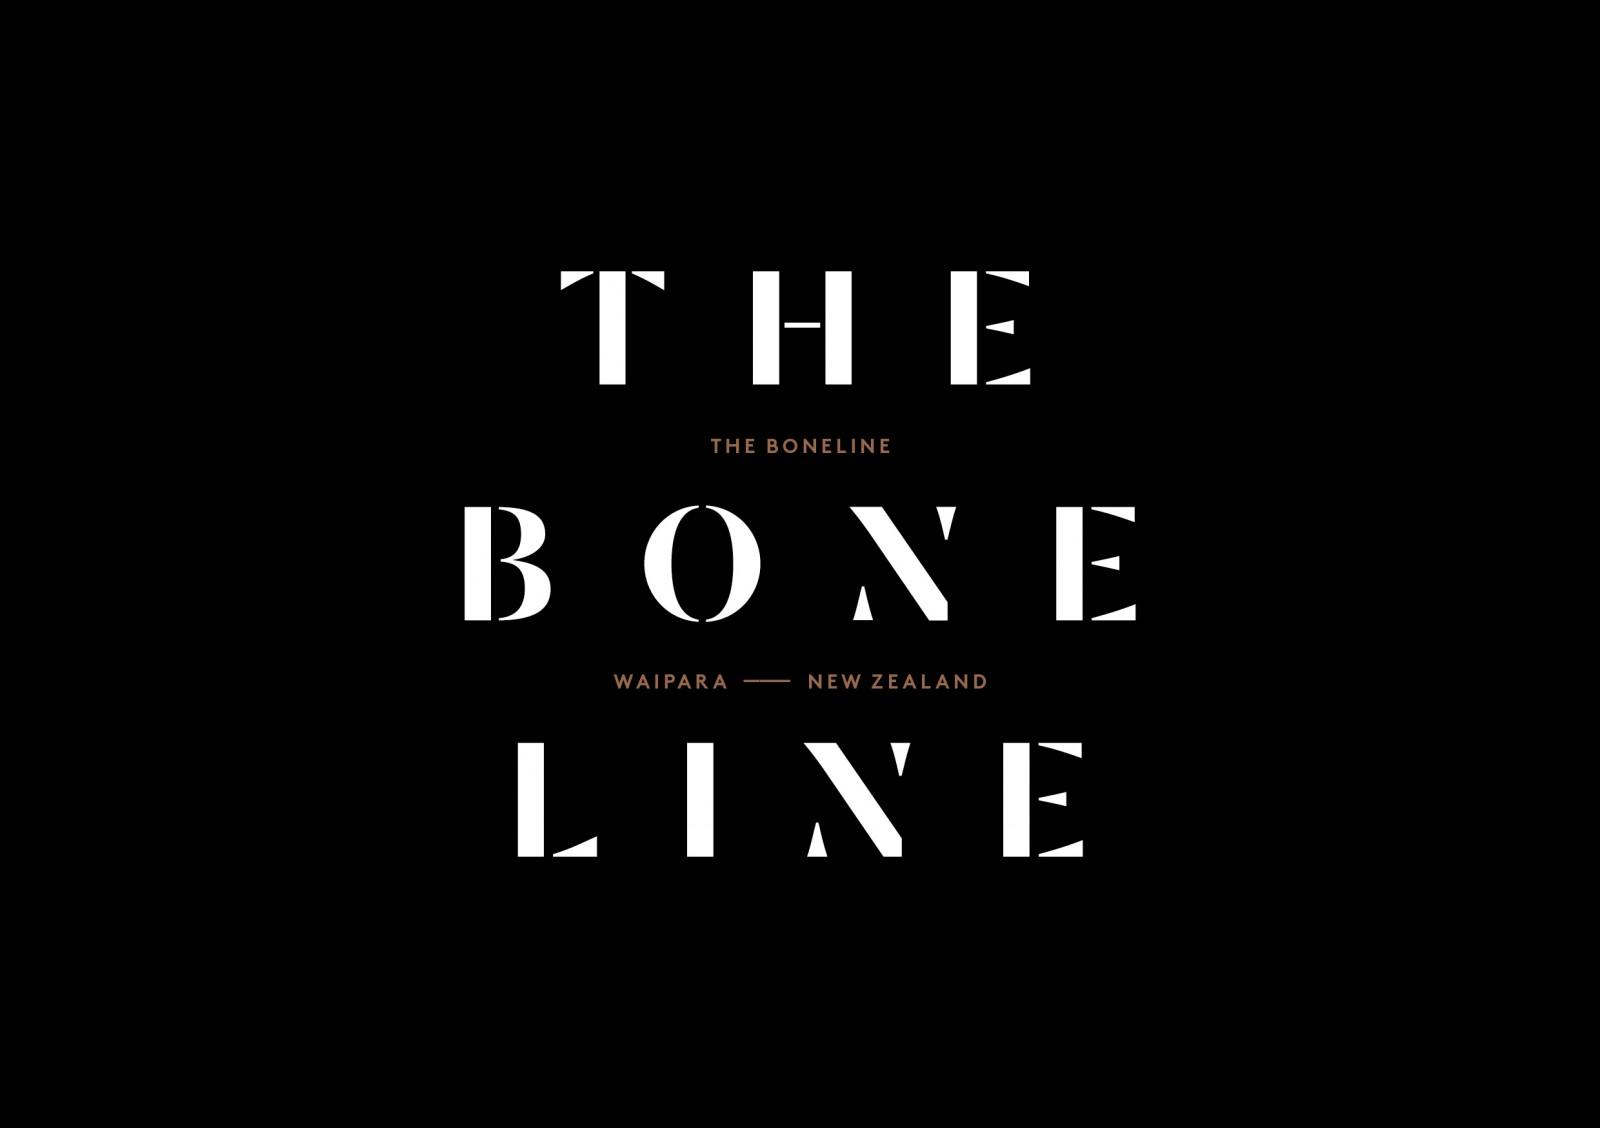 Boneline-Identity_1-1600x1128